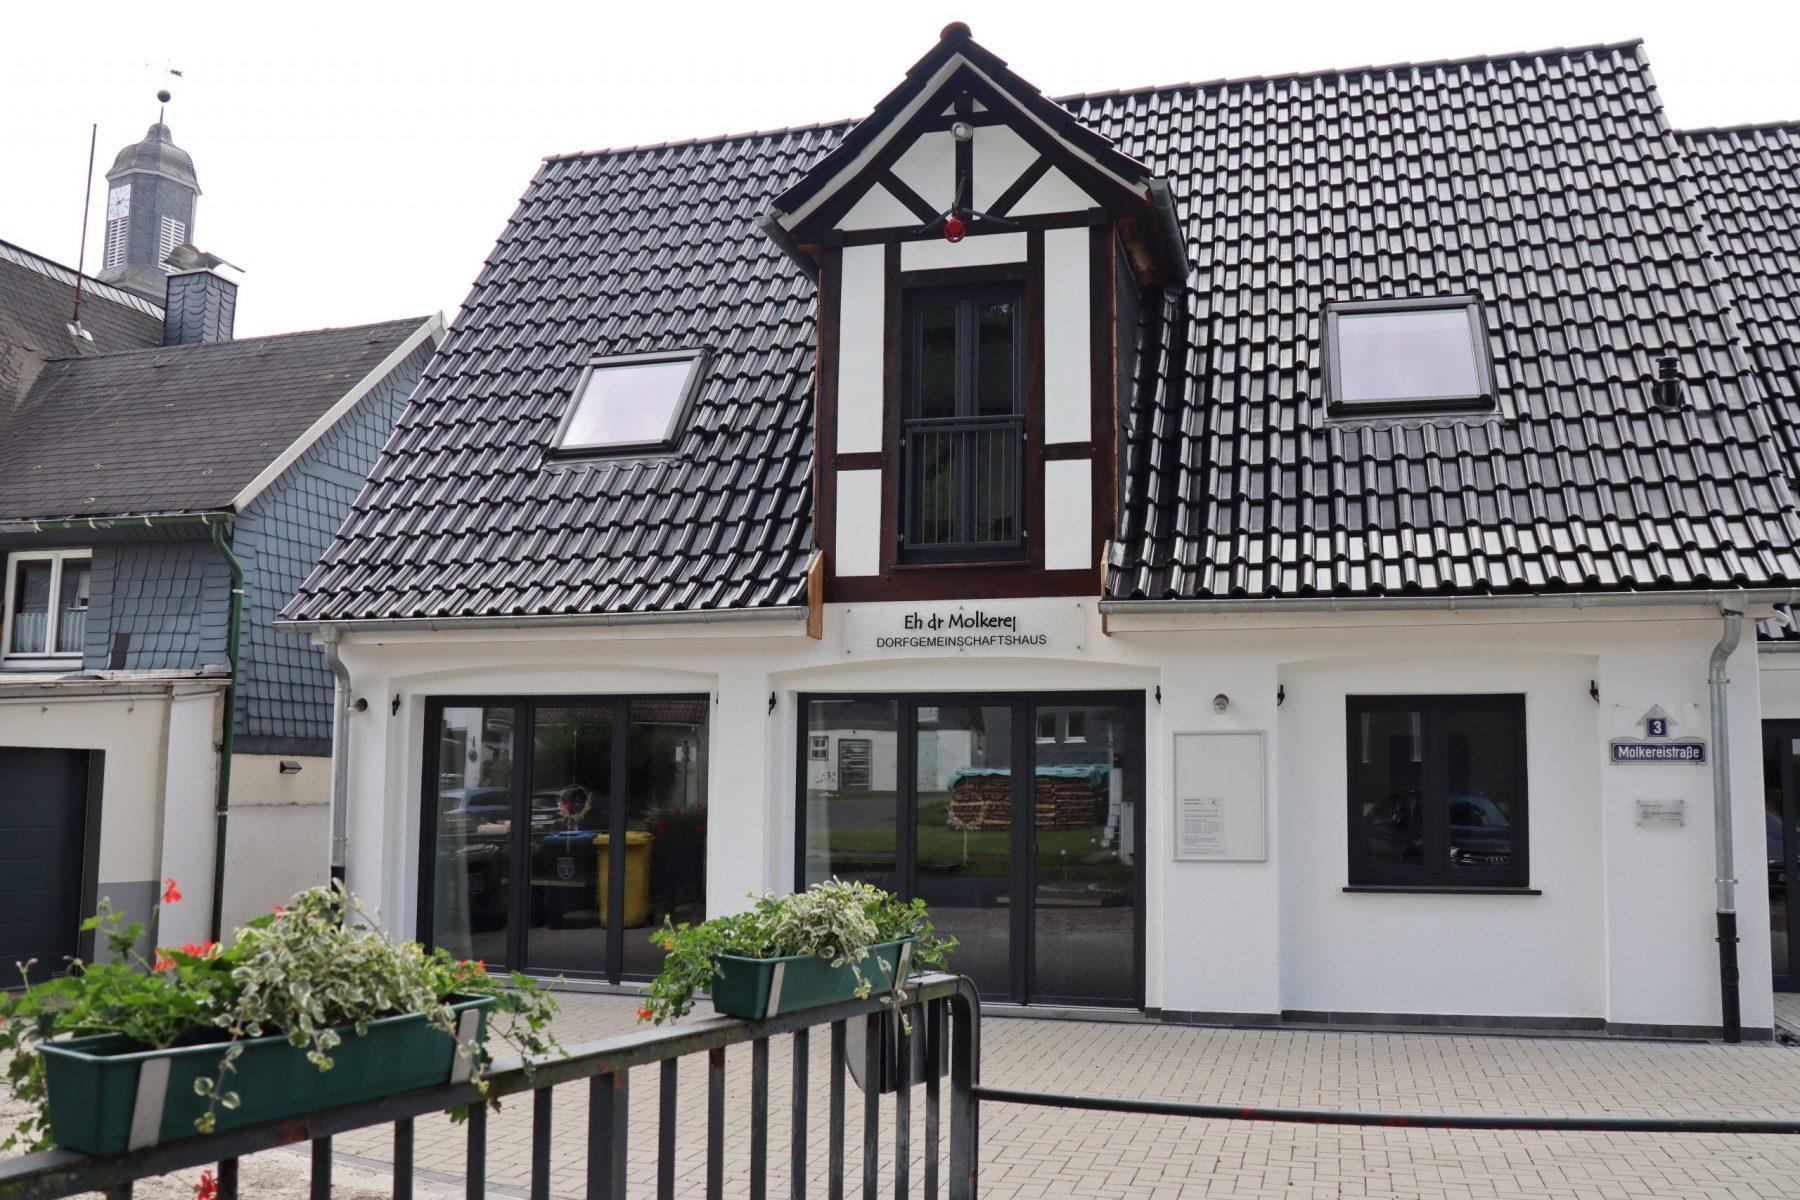 Dorfgemeinschaftshaus-scaled